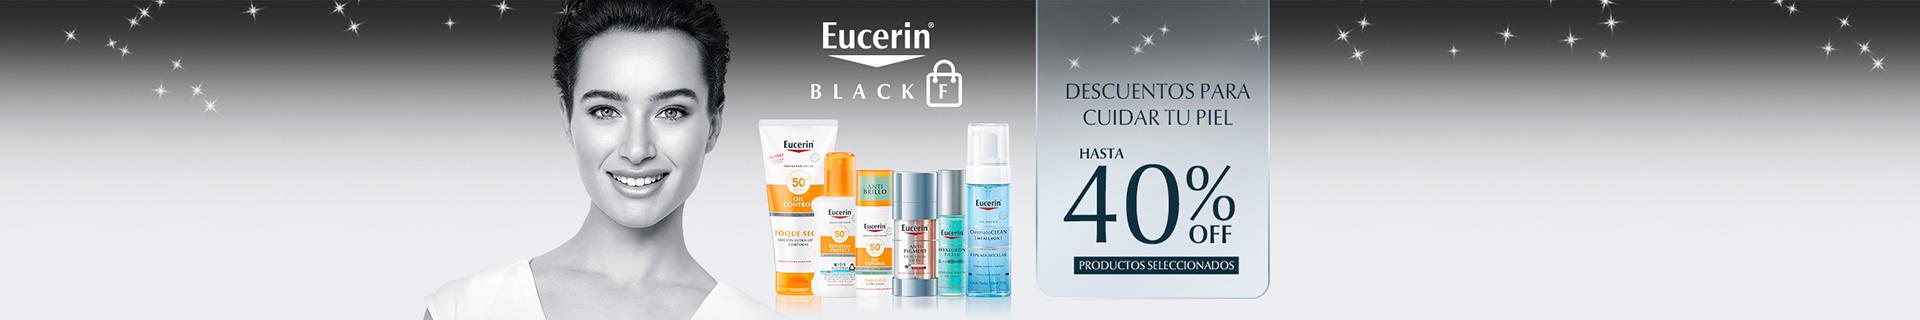 [BLACKFARMA] EUCERIN [NOV-DIC] 27-->04